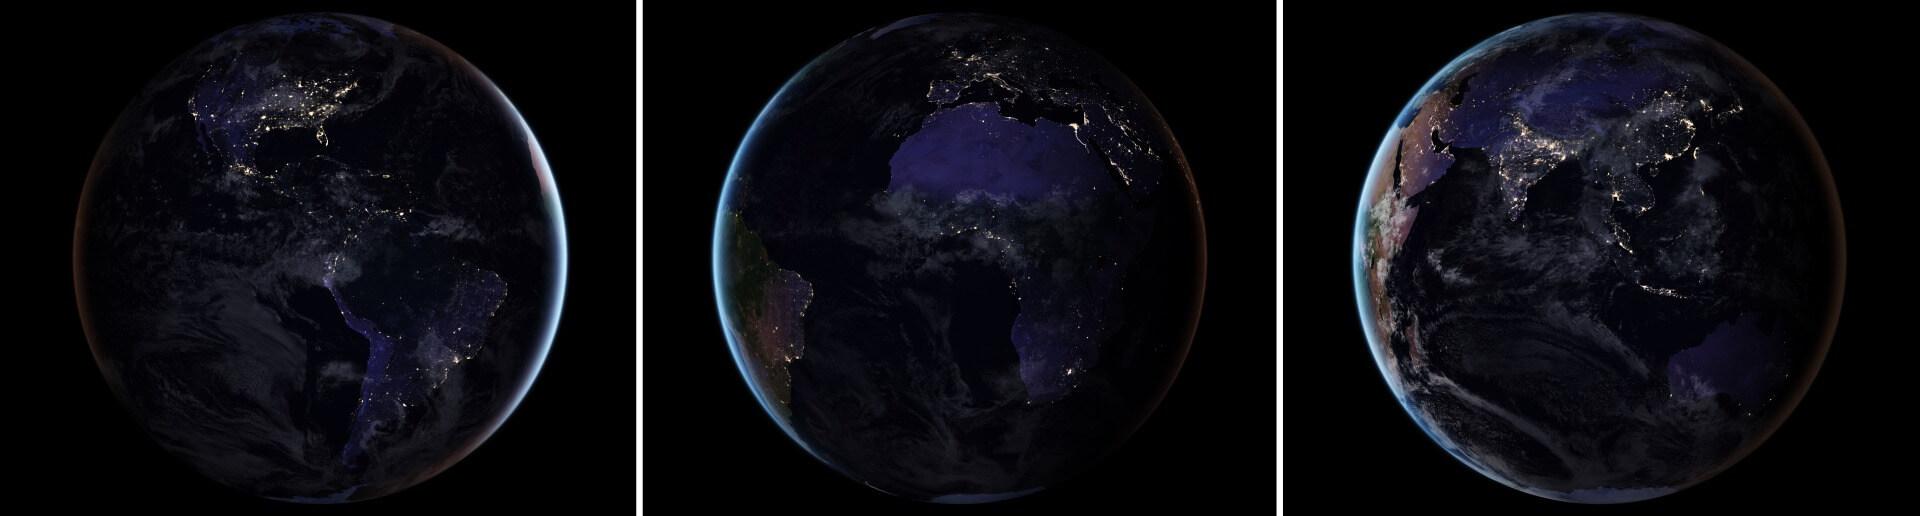 Neue NASA-Satellitenaufnahme: So sieht die Erde bei Nacht aus ...